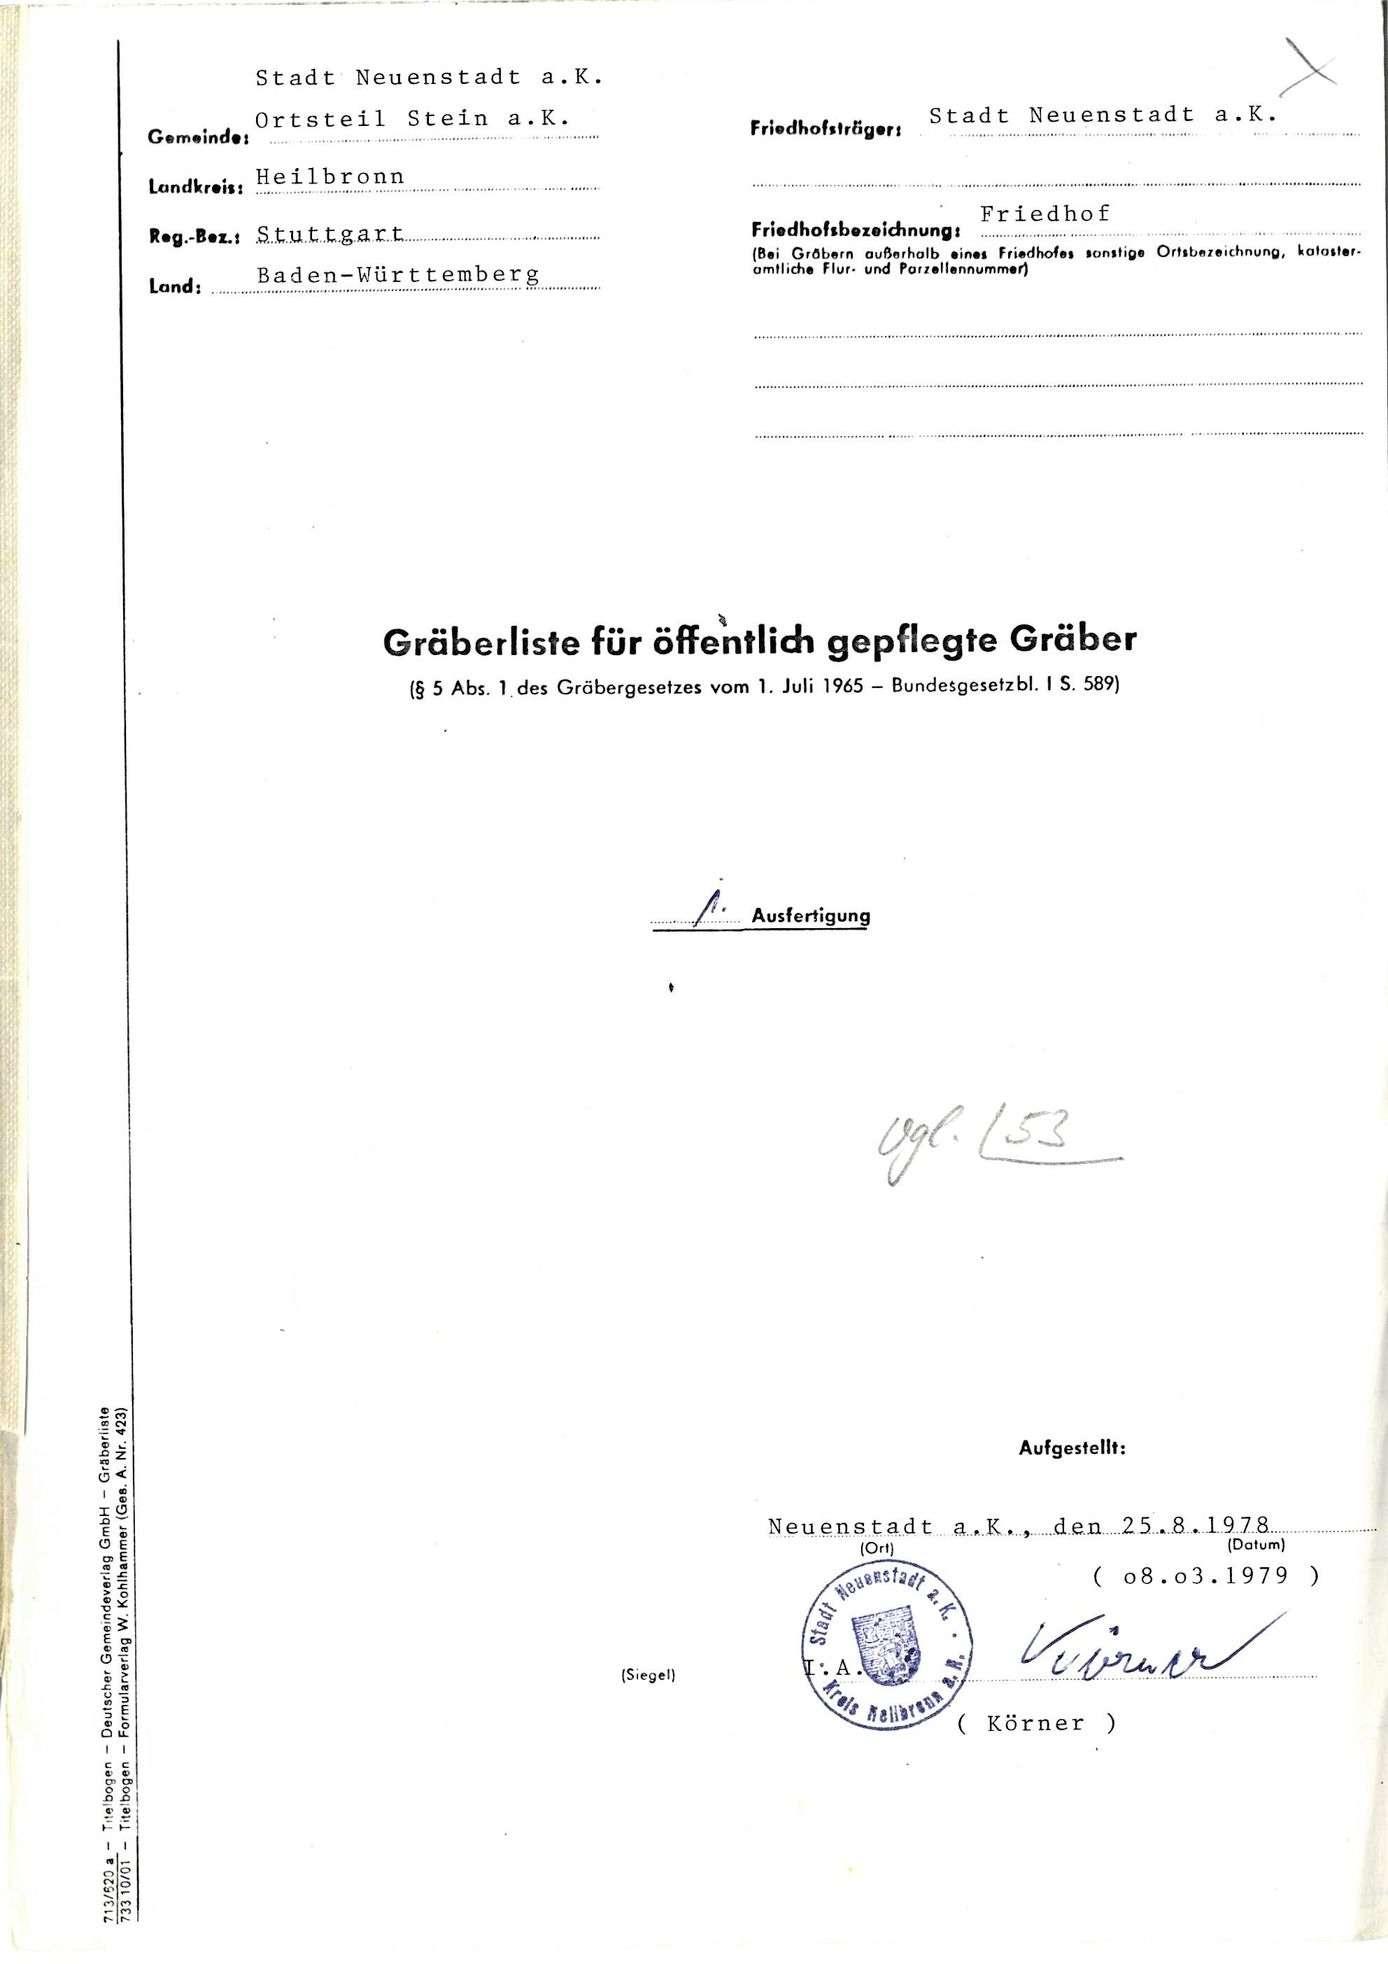 Stein, Bild 1